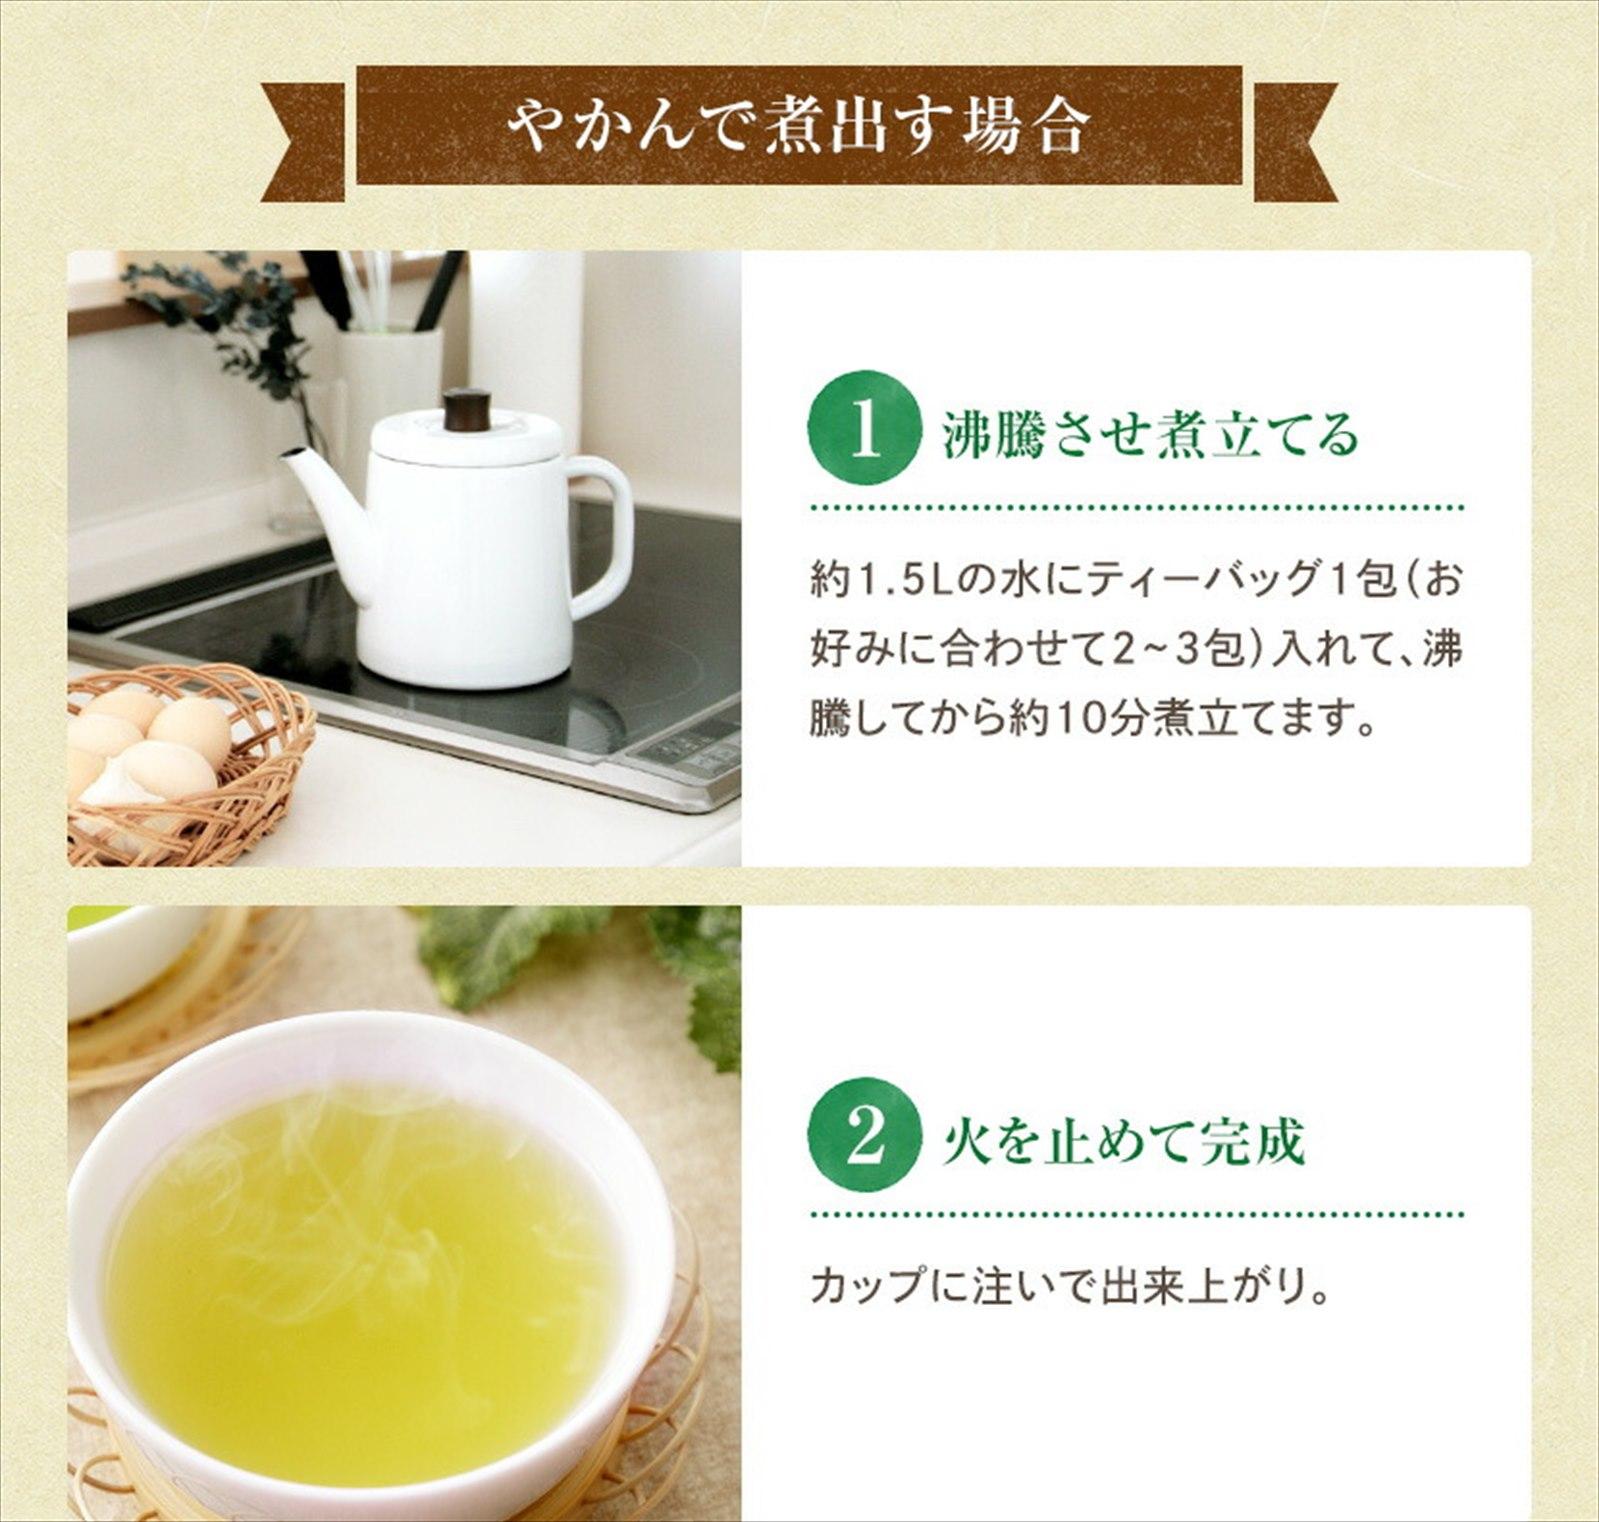 モリンガ茶ティーバッグ160g(2g×80包(目安包数))!送料無料!もりんが茶【モリンガティー】 お取り寄せ お取り寄せグルメ